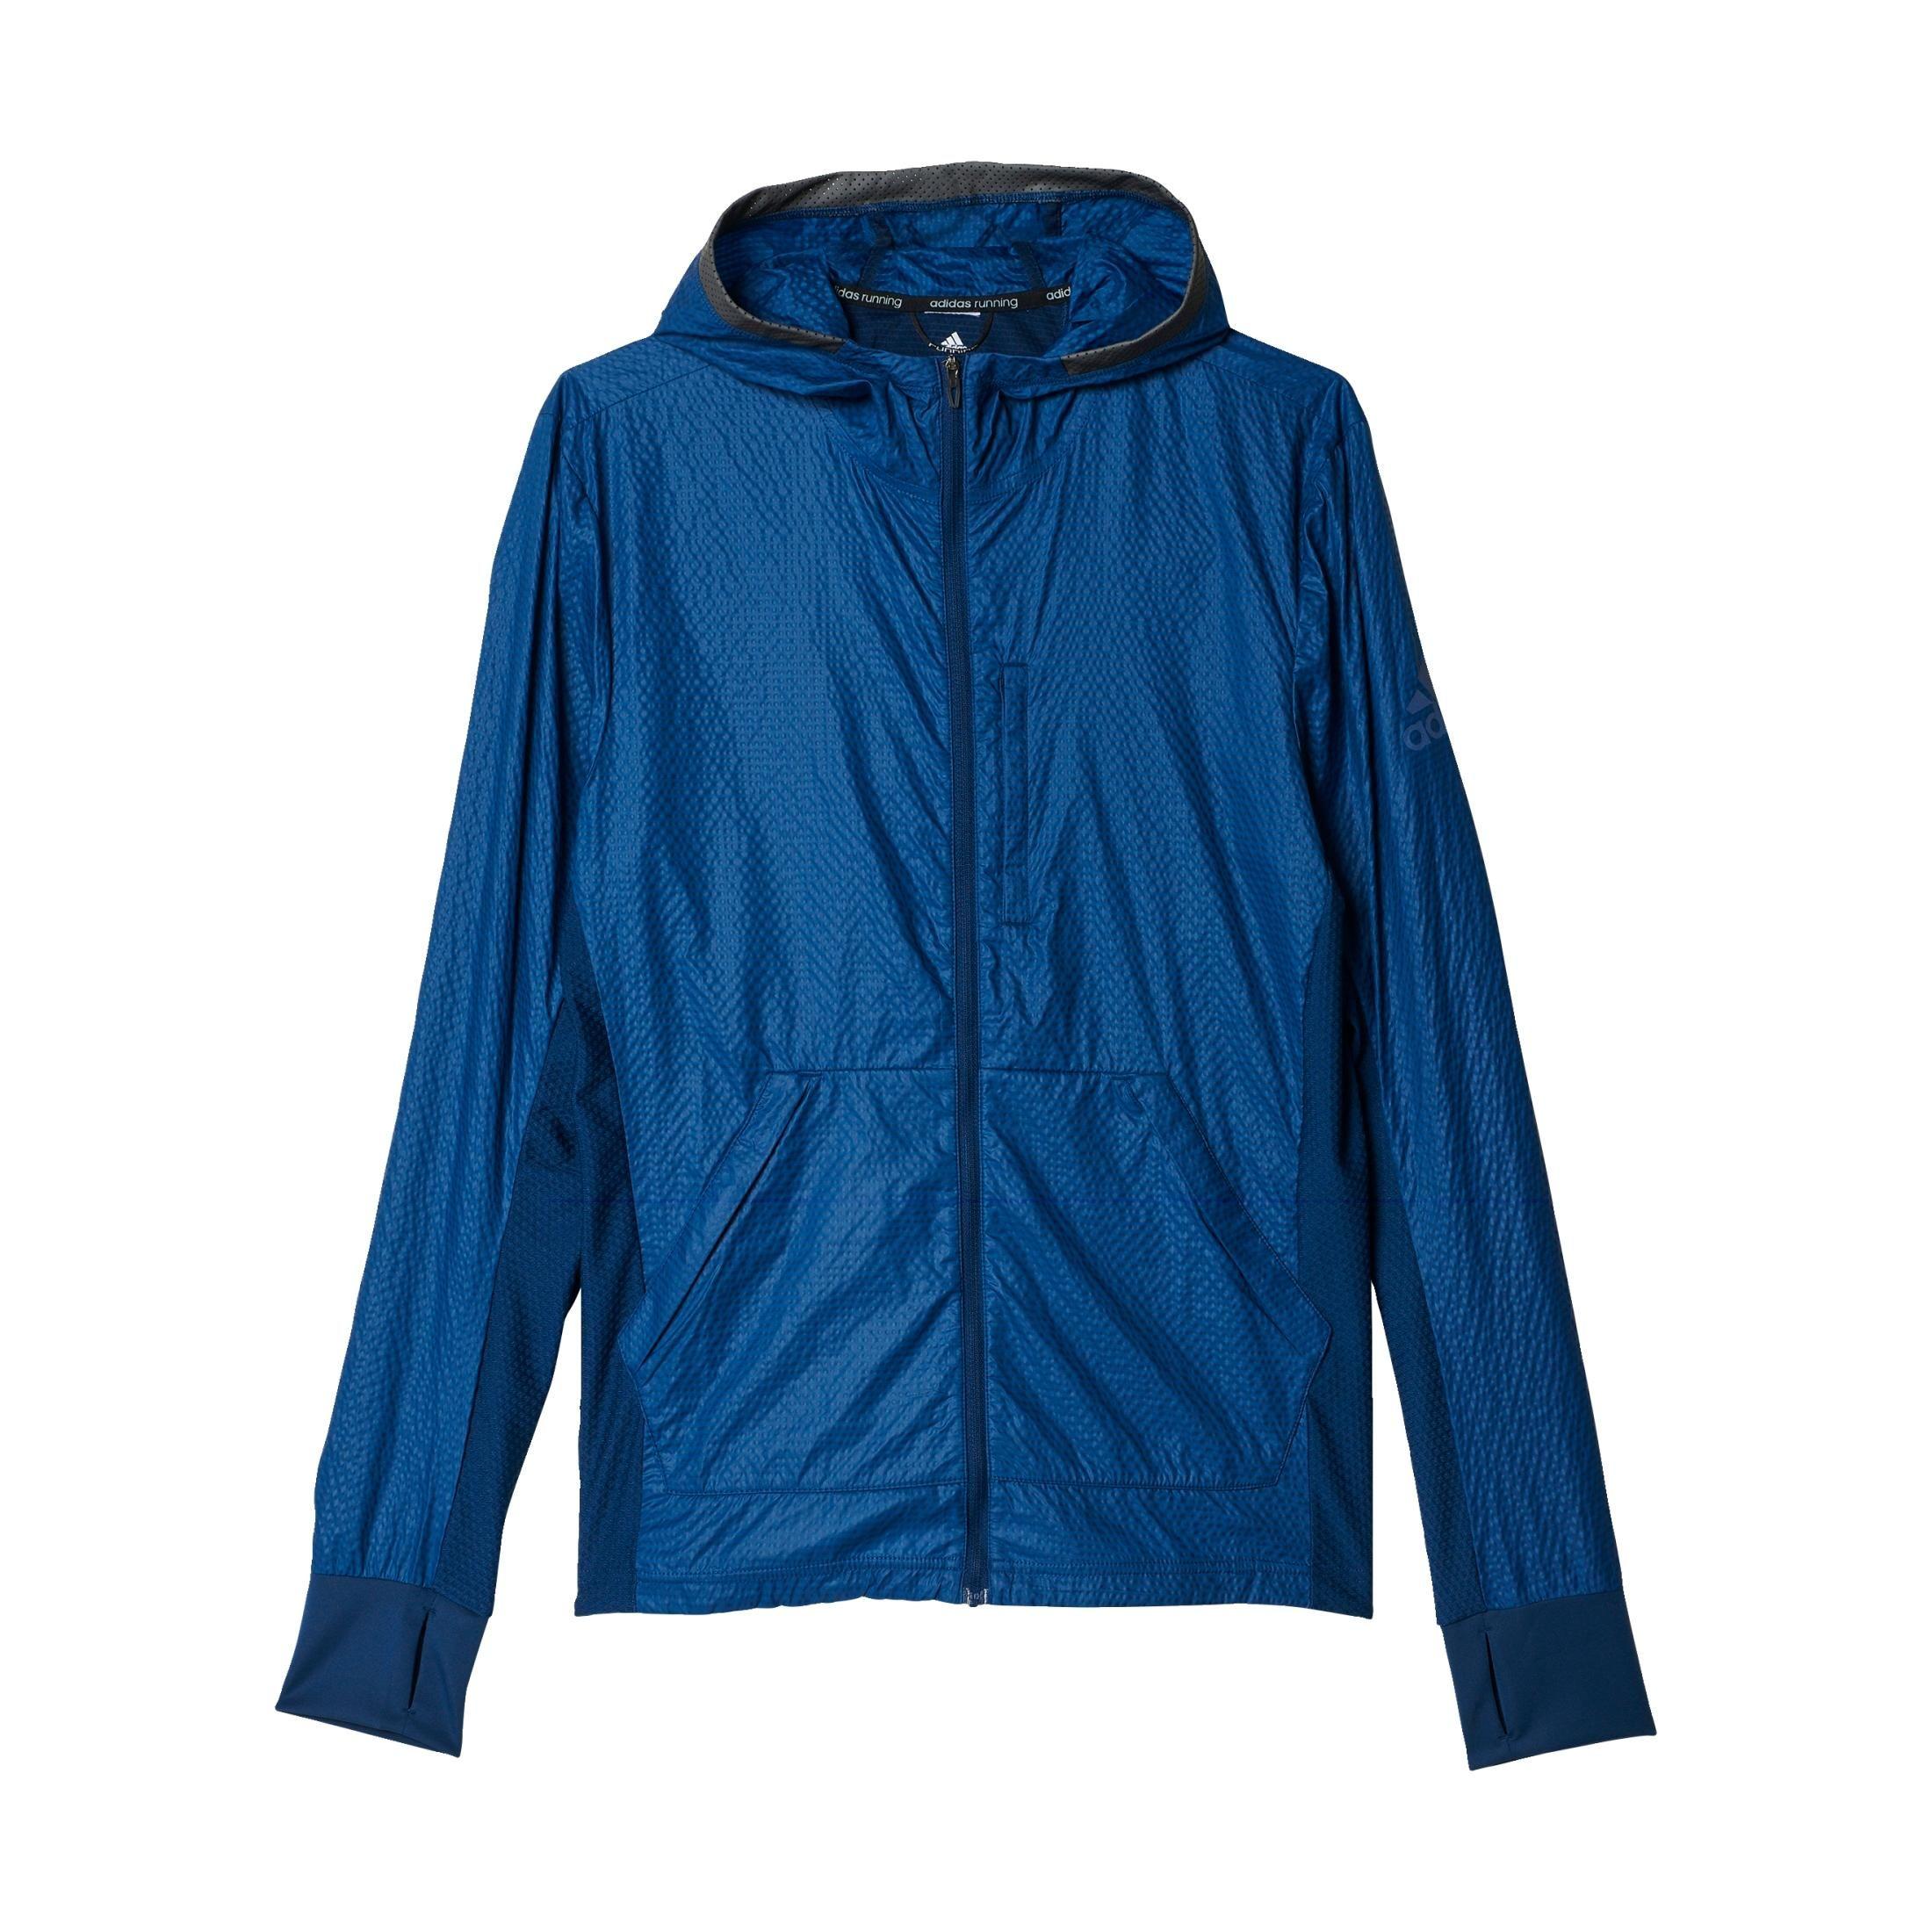 La veste pour homme ADIDAS Pure Amplify Jacket, ici déclinée